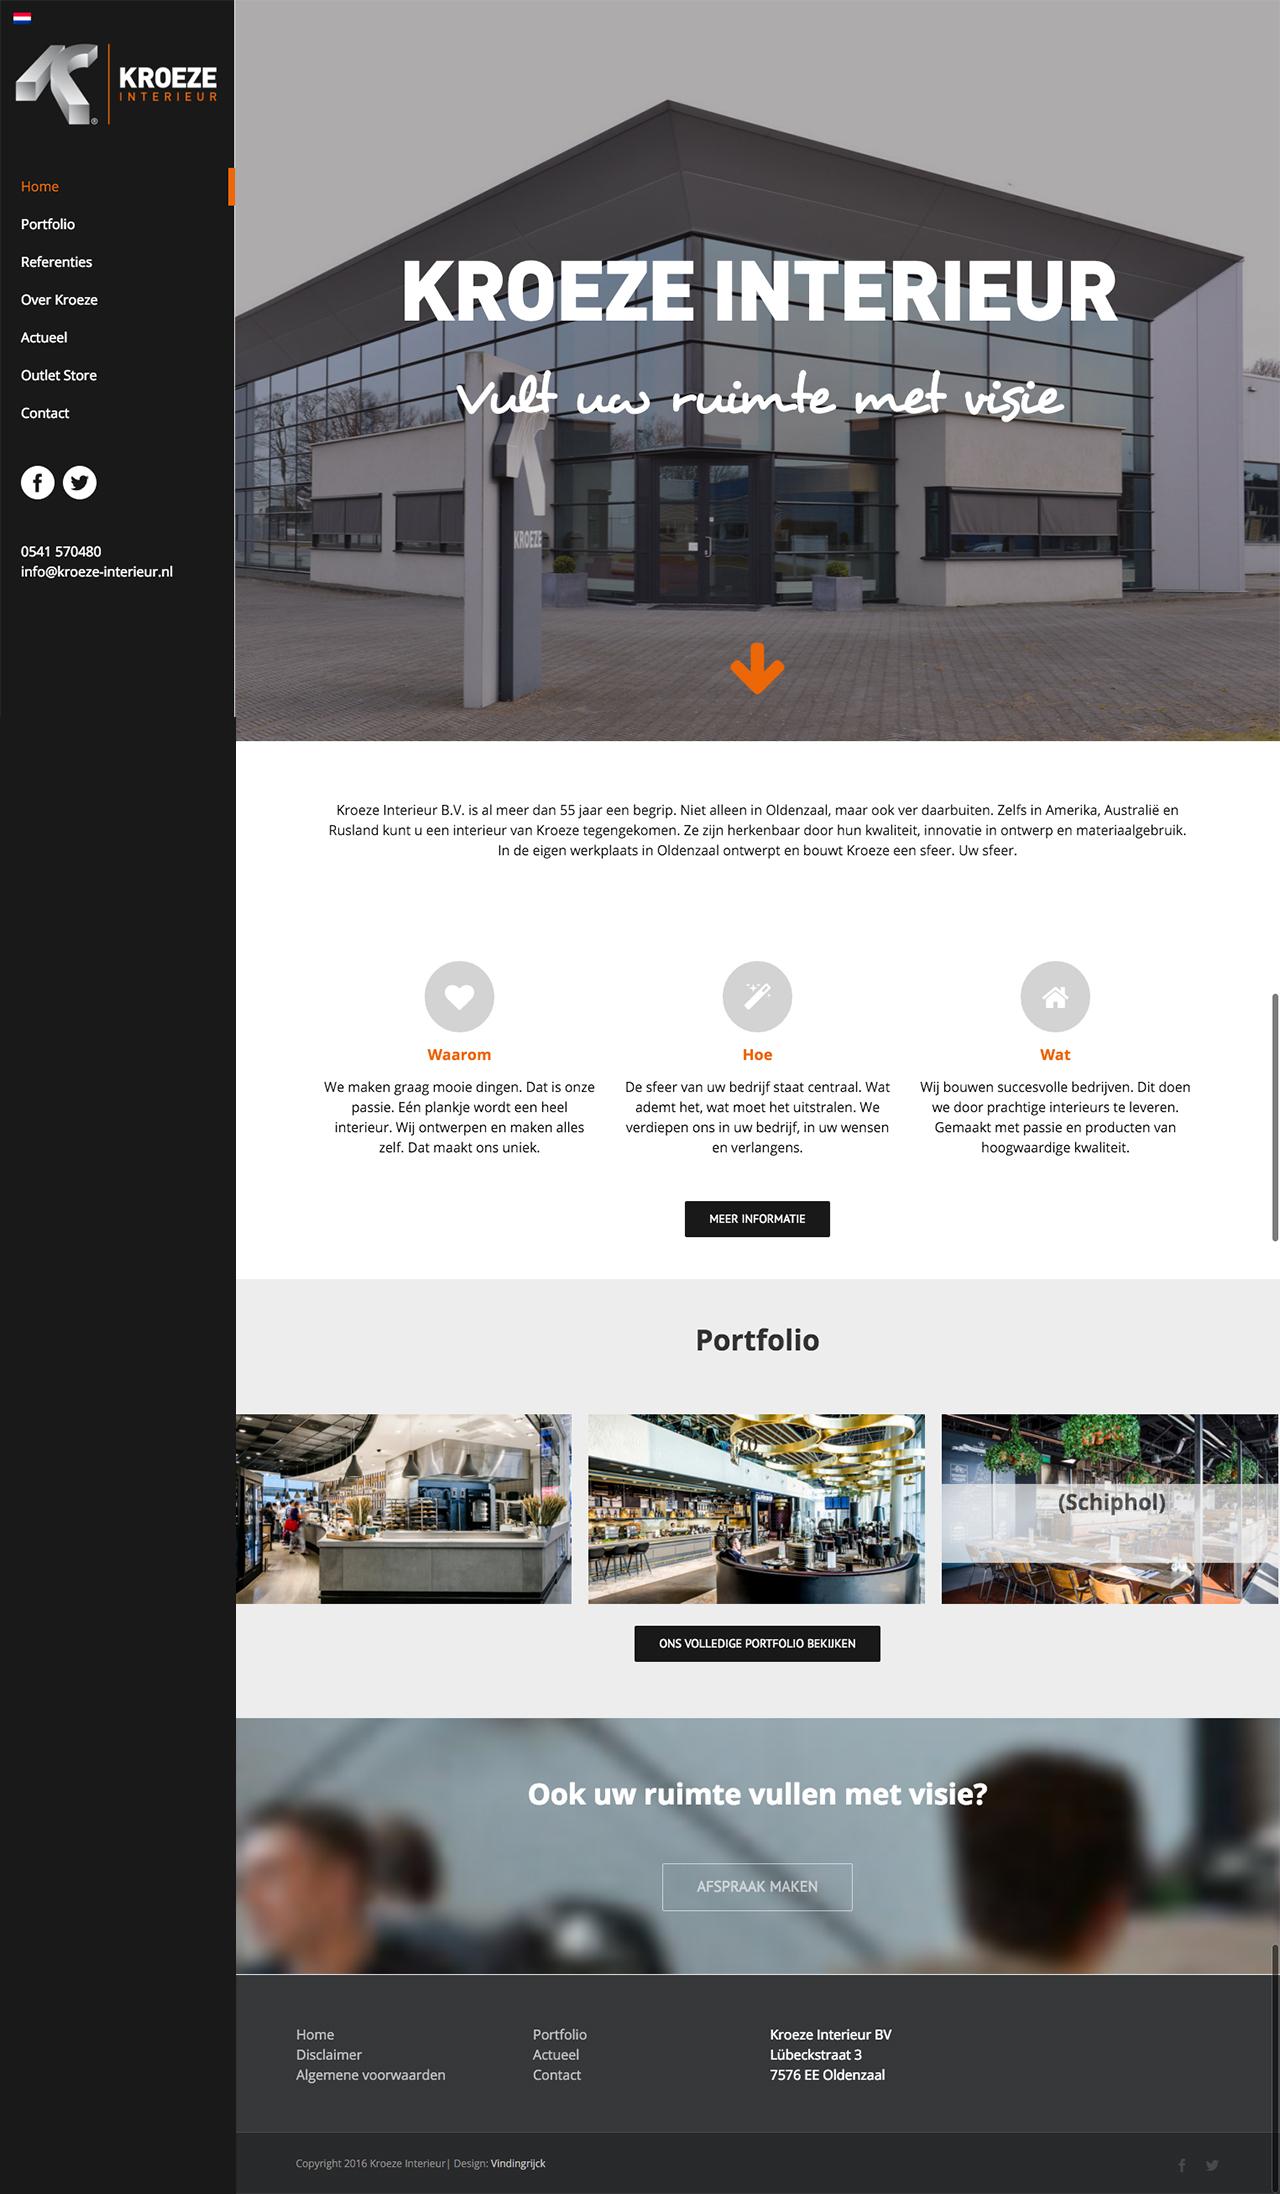 https://www.vindingrijck.nl/wp-content/uploads/2016/09/KRI_website_home.jpg